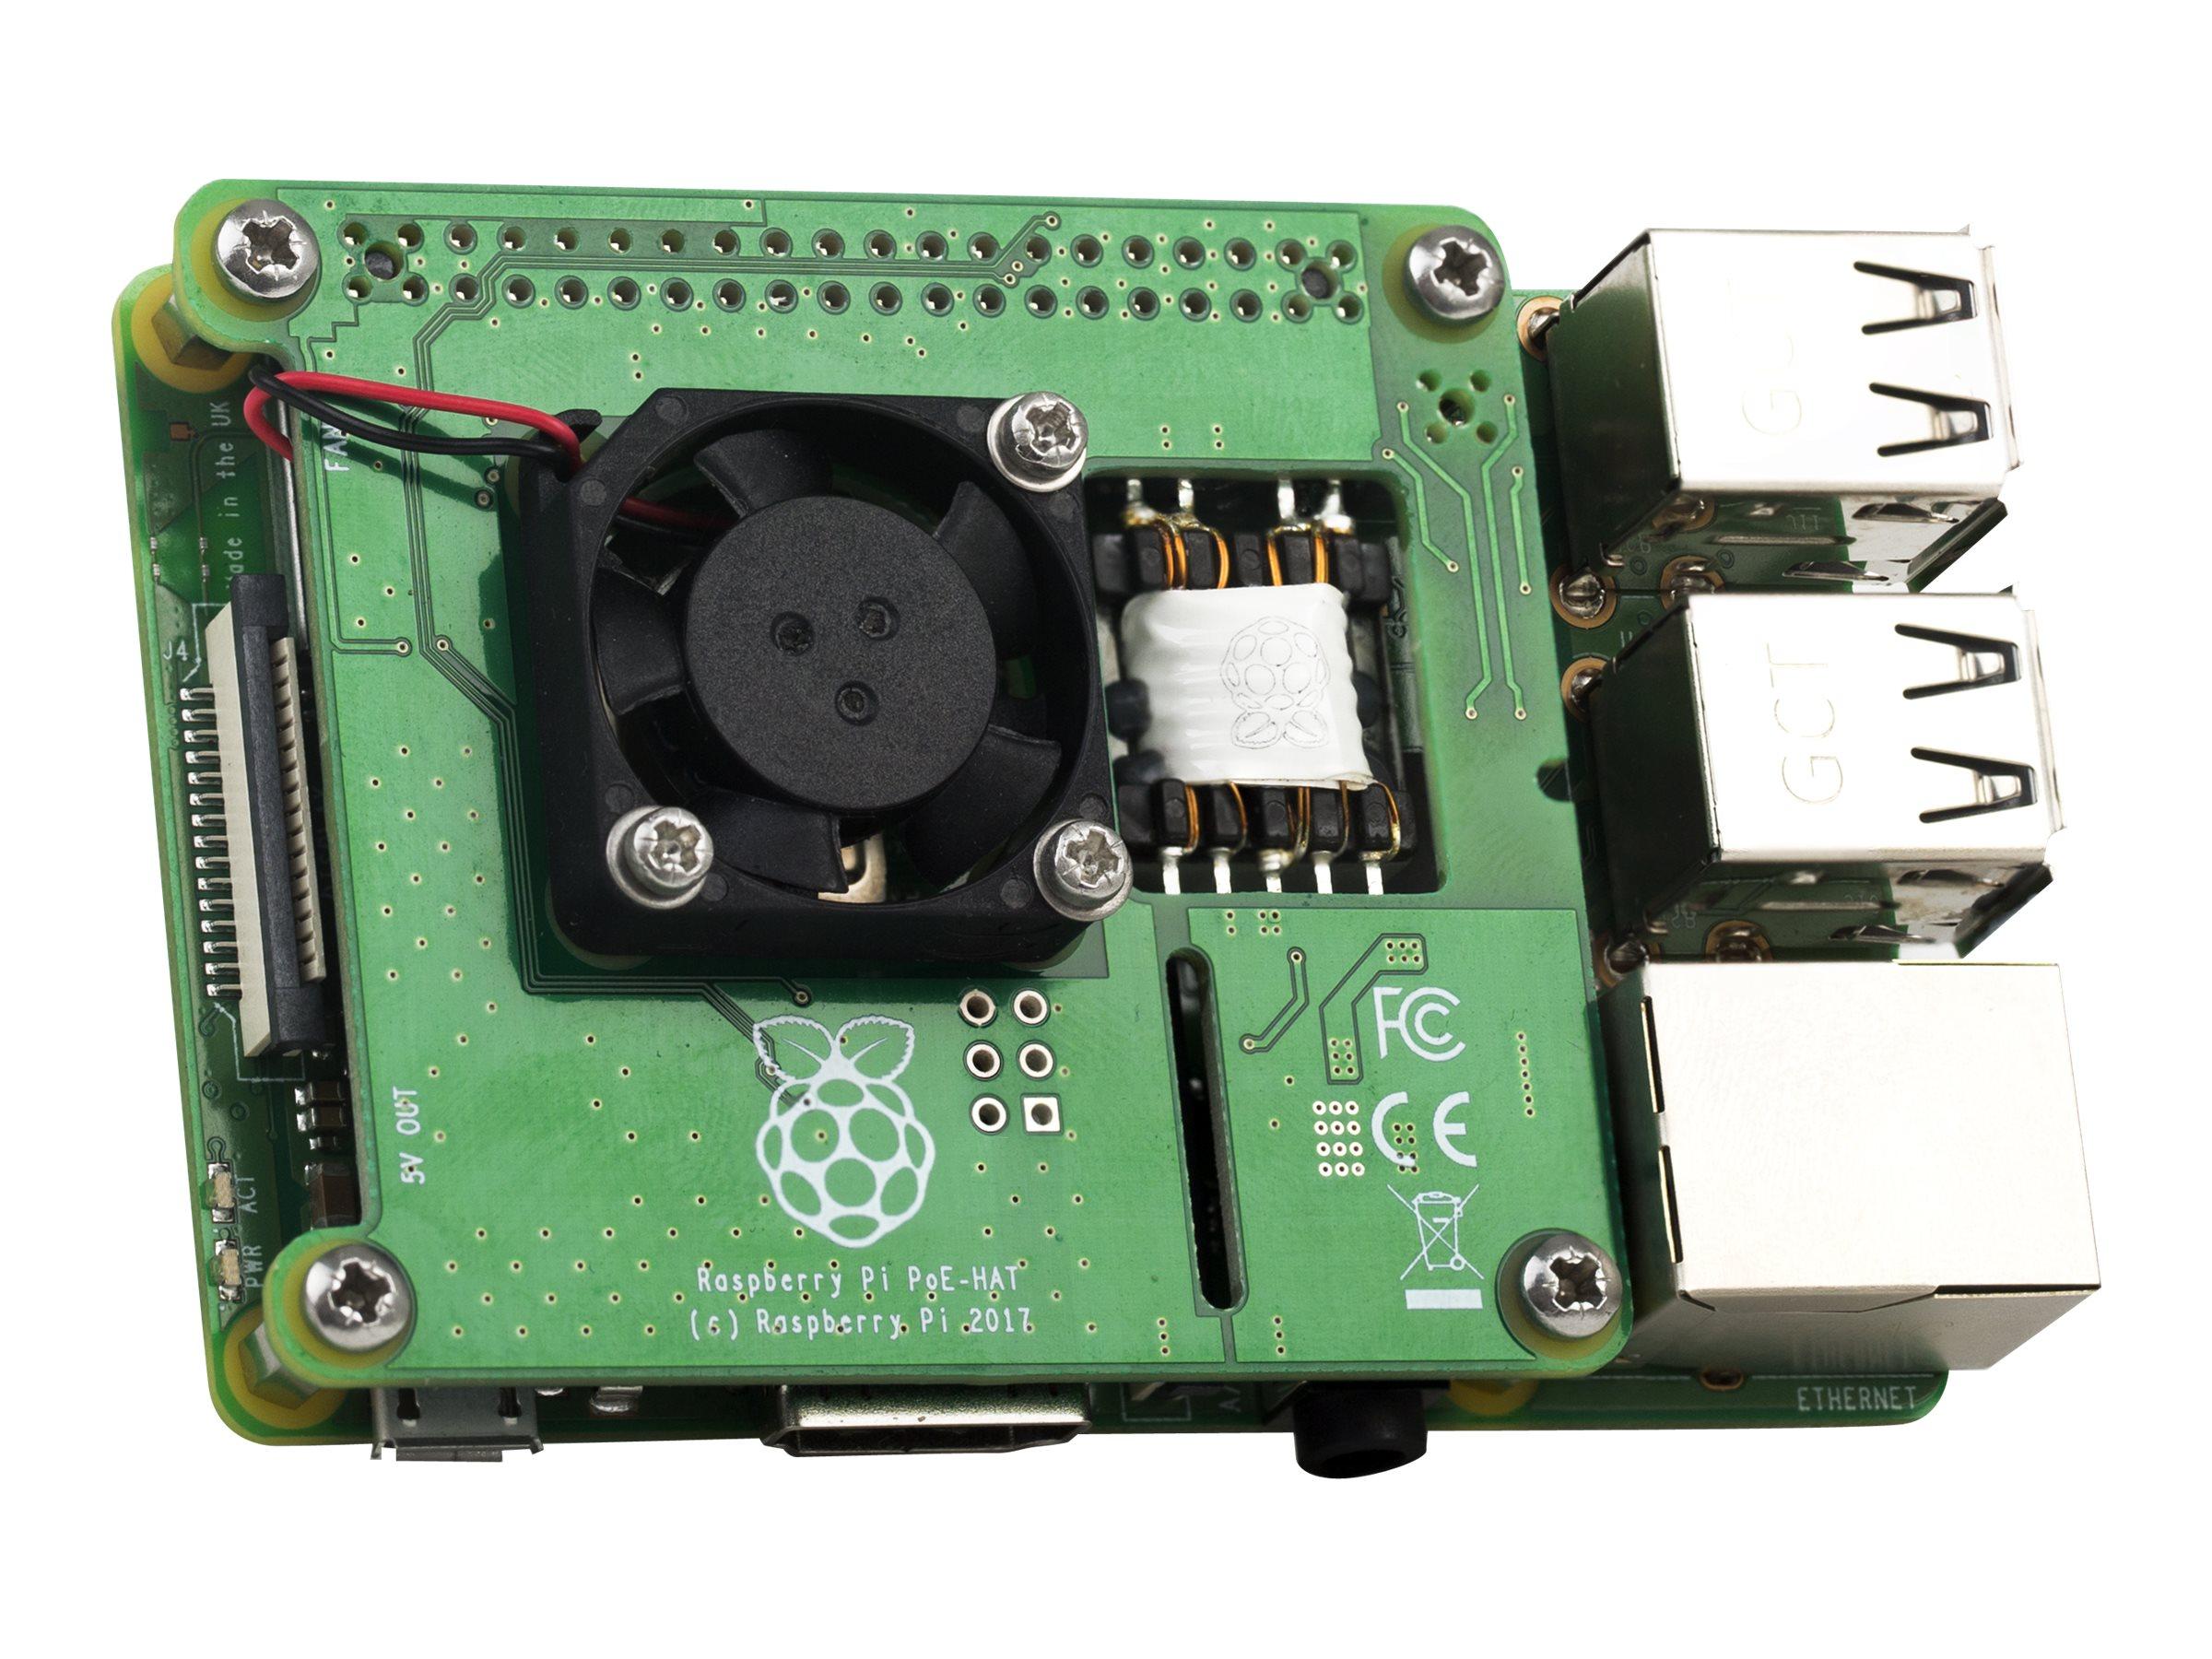 Raspberry Pi Pi PoE HAT - Zusätzliche Schalttafel